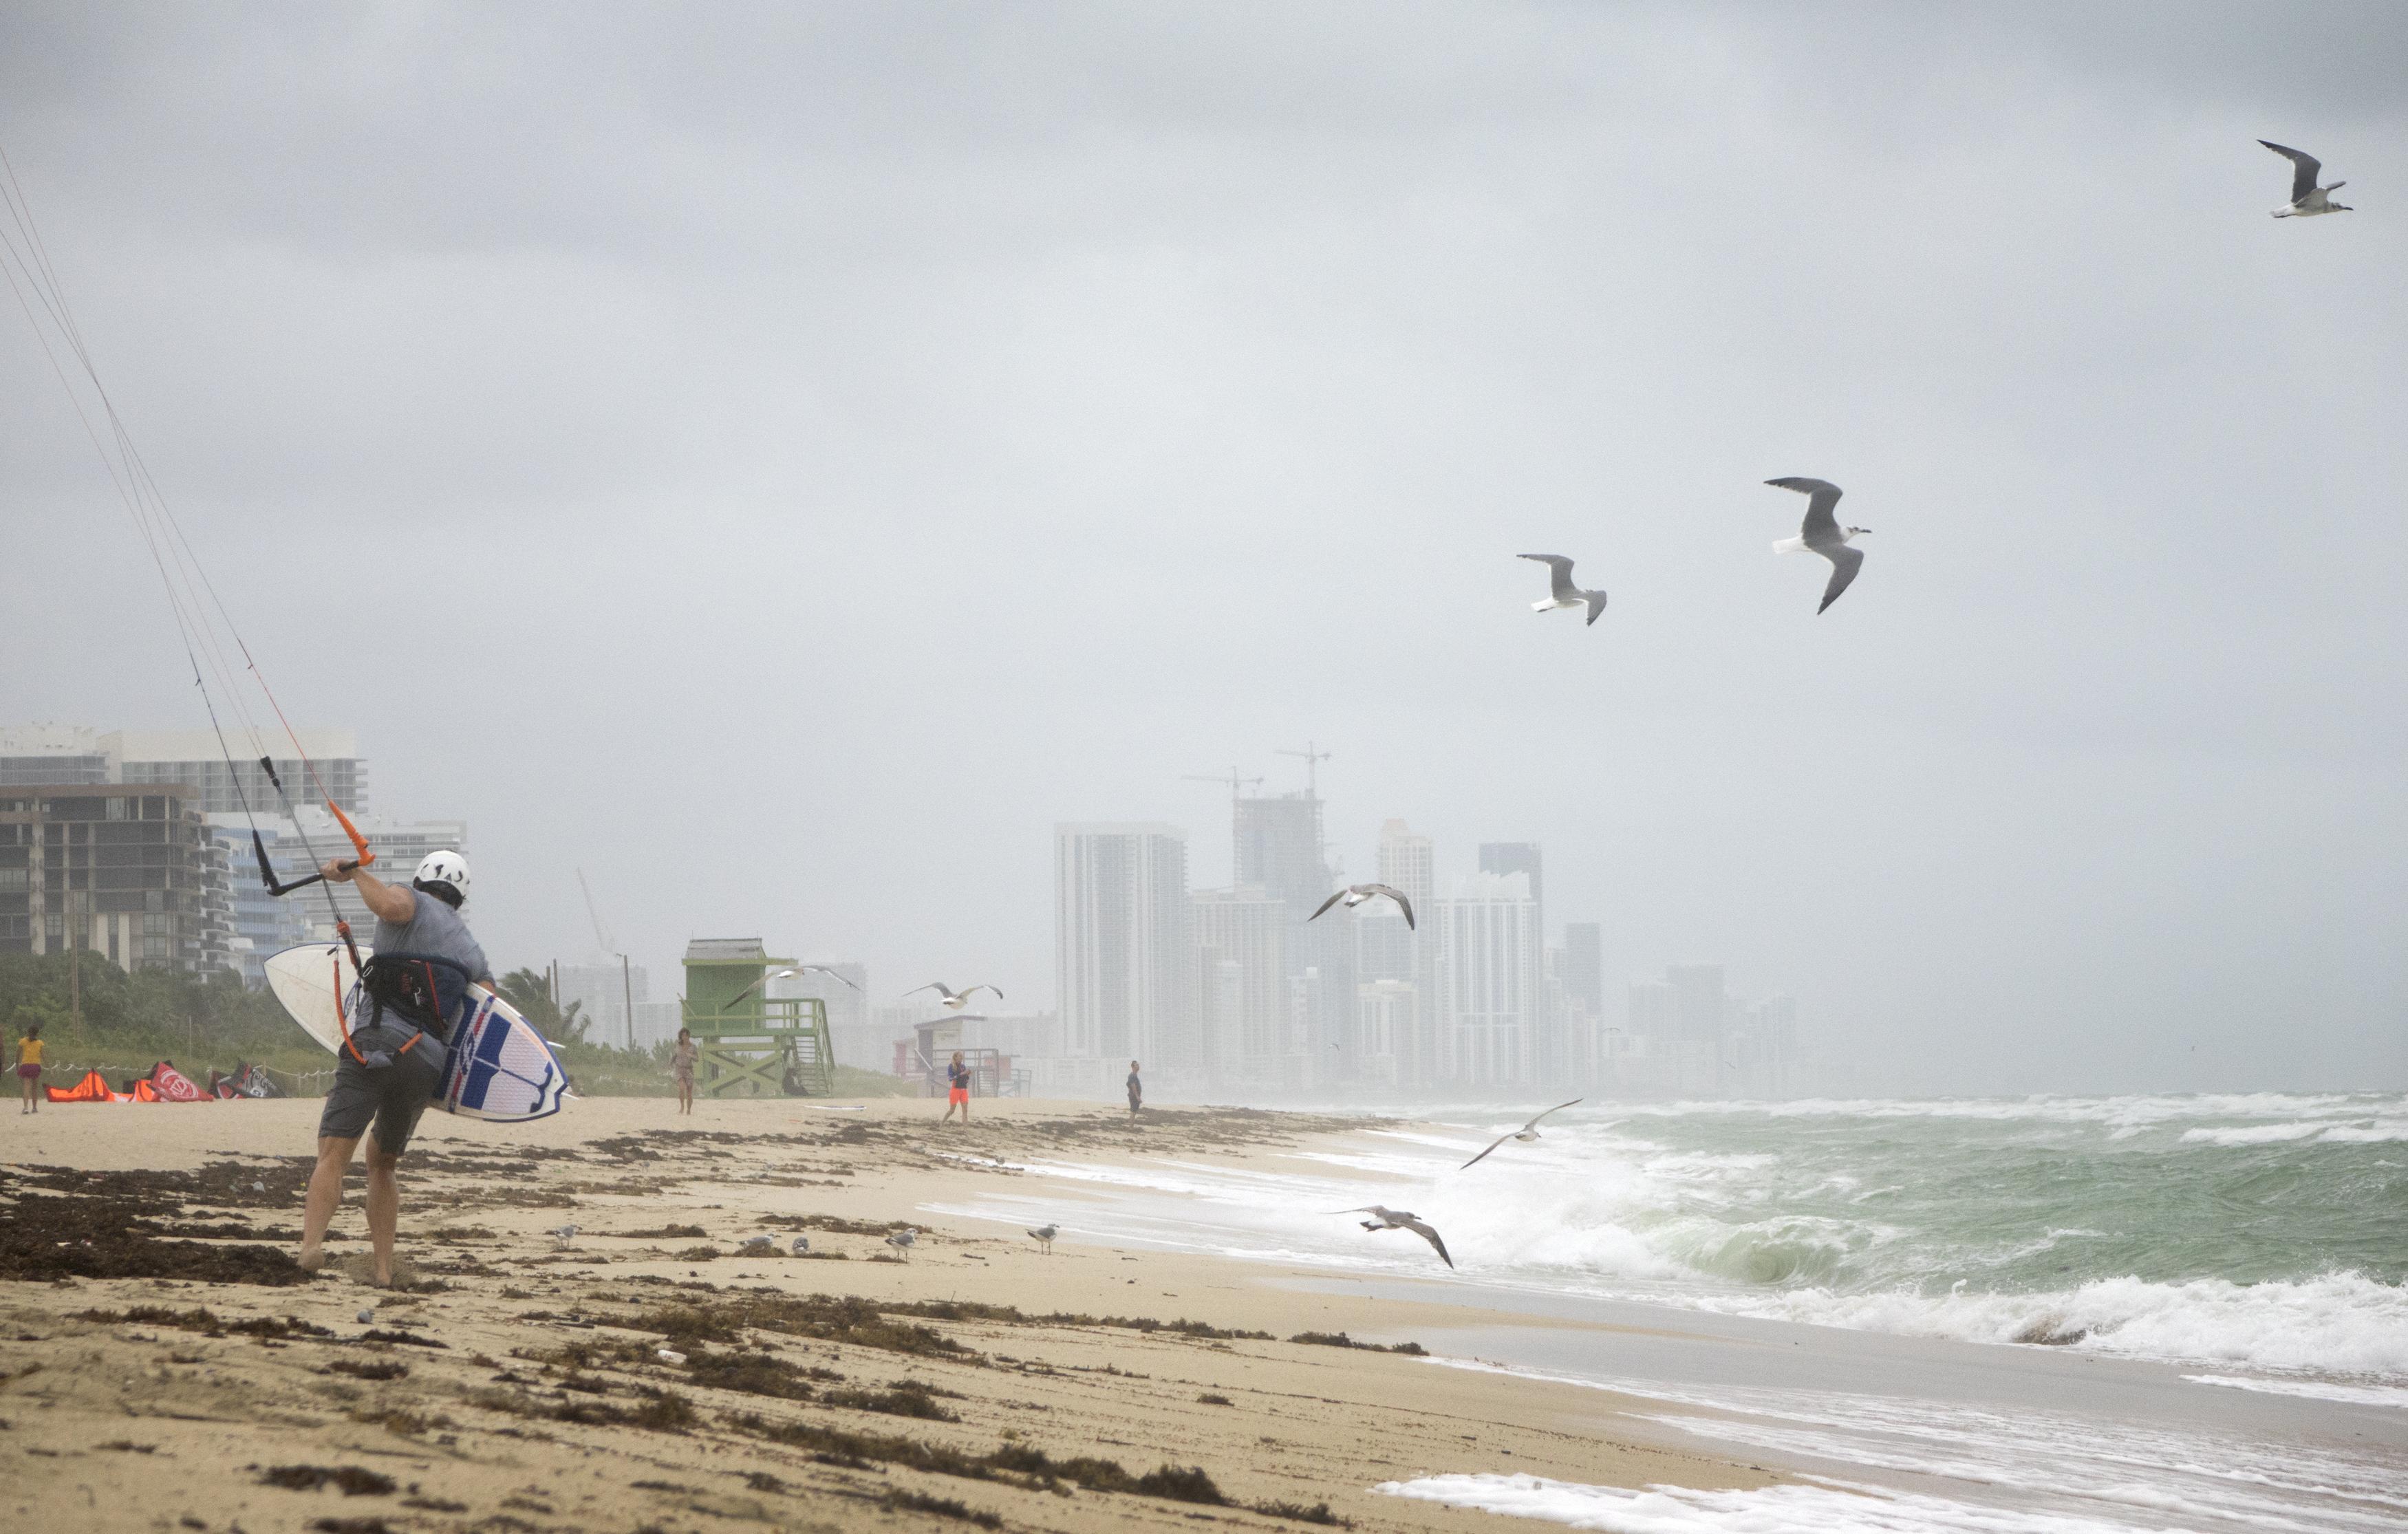 Mai mulți americani au ieșit să facă surf, deși uraganul Matthew urmează să lovească din plin coasta de est a Floridei